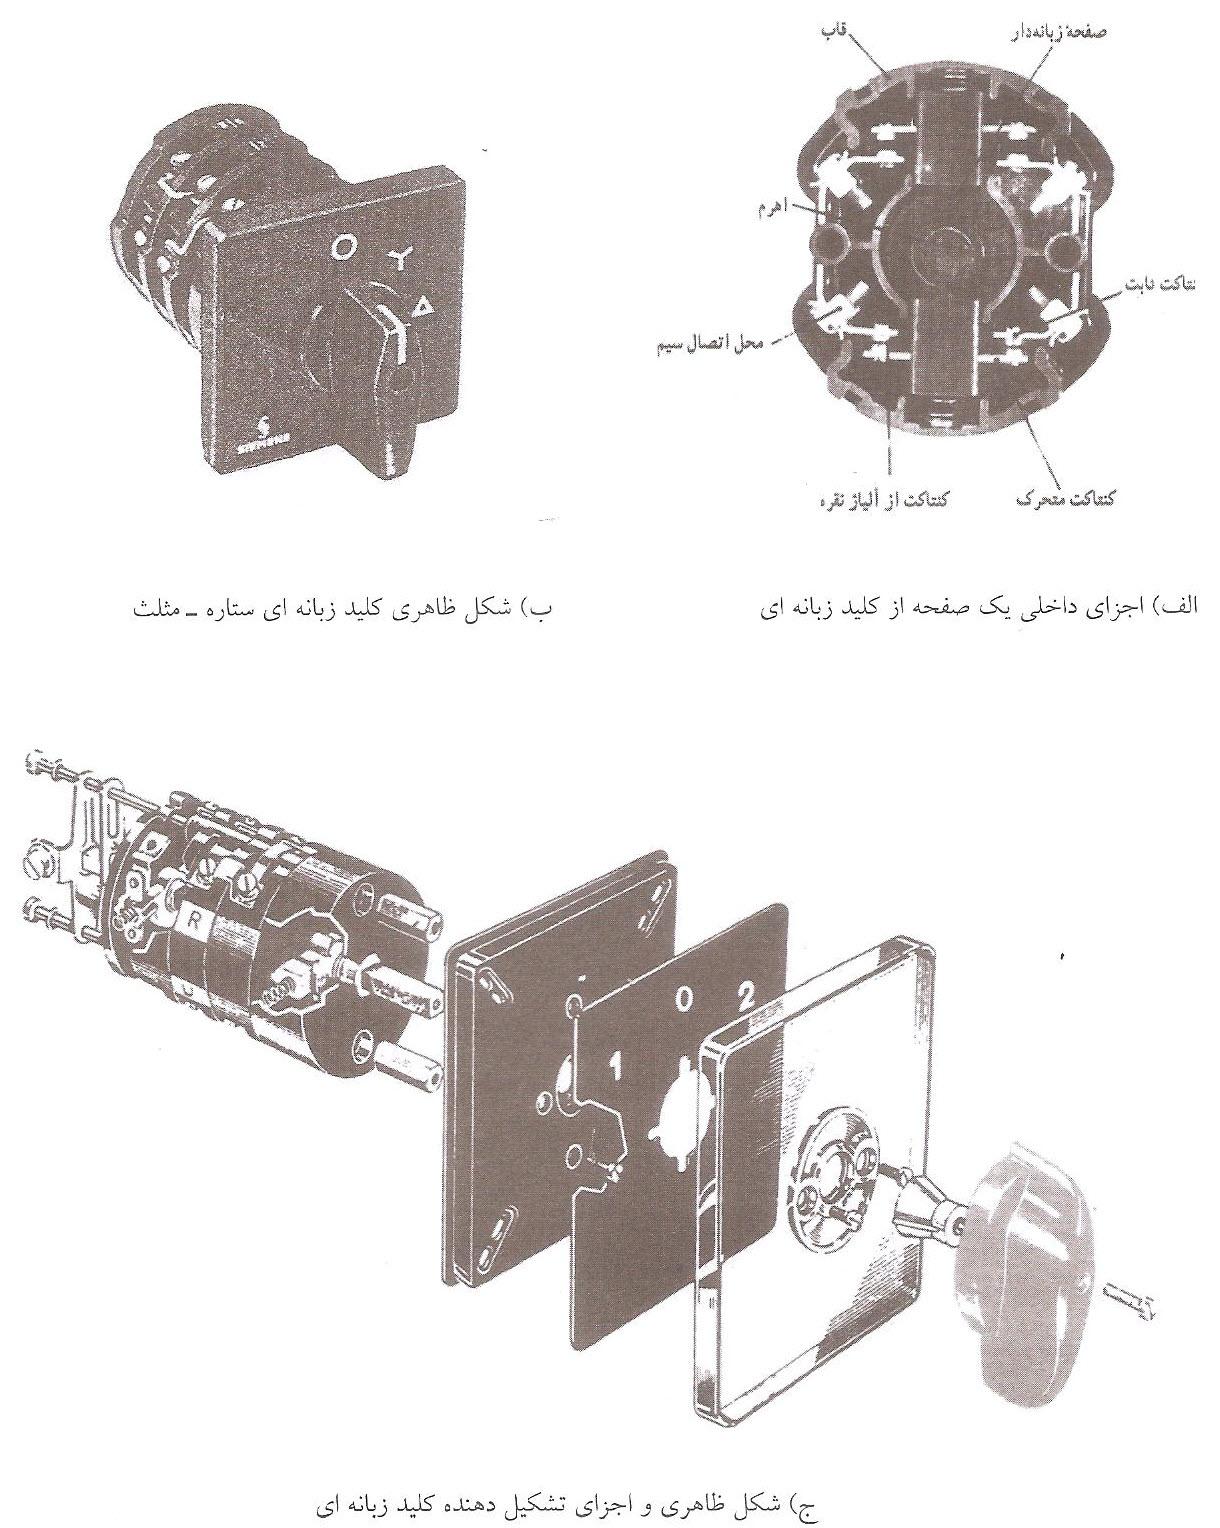 مشخصات کلید زبانه ای